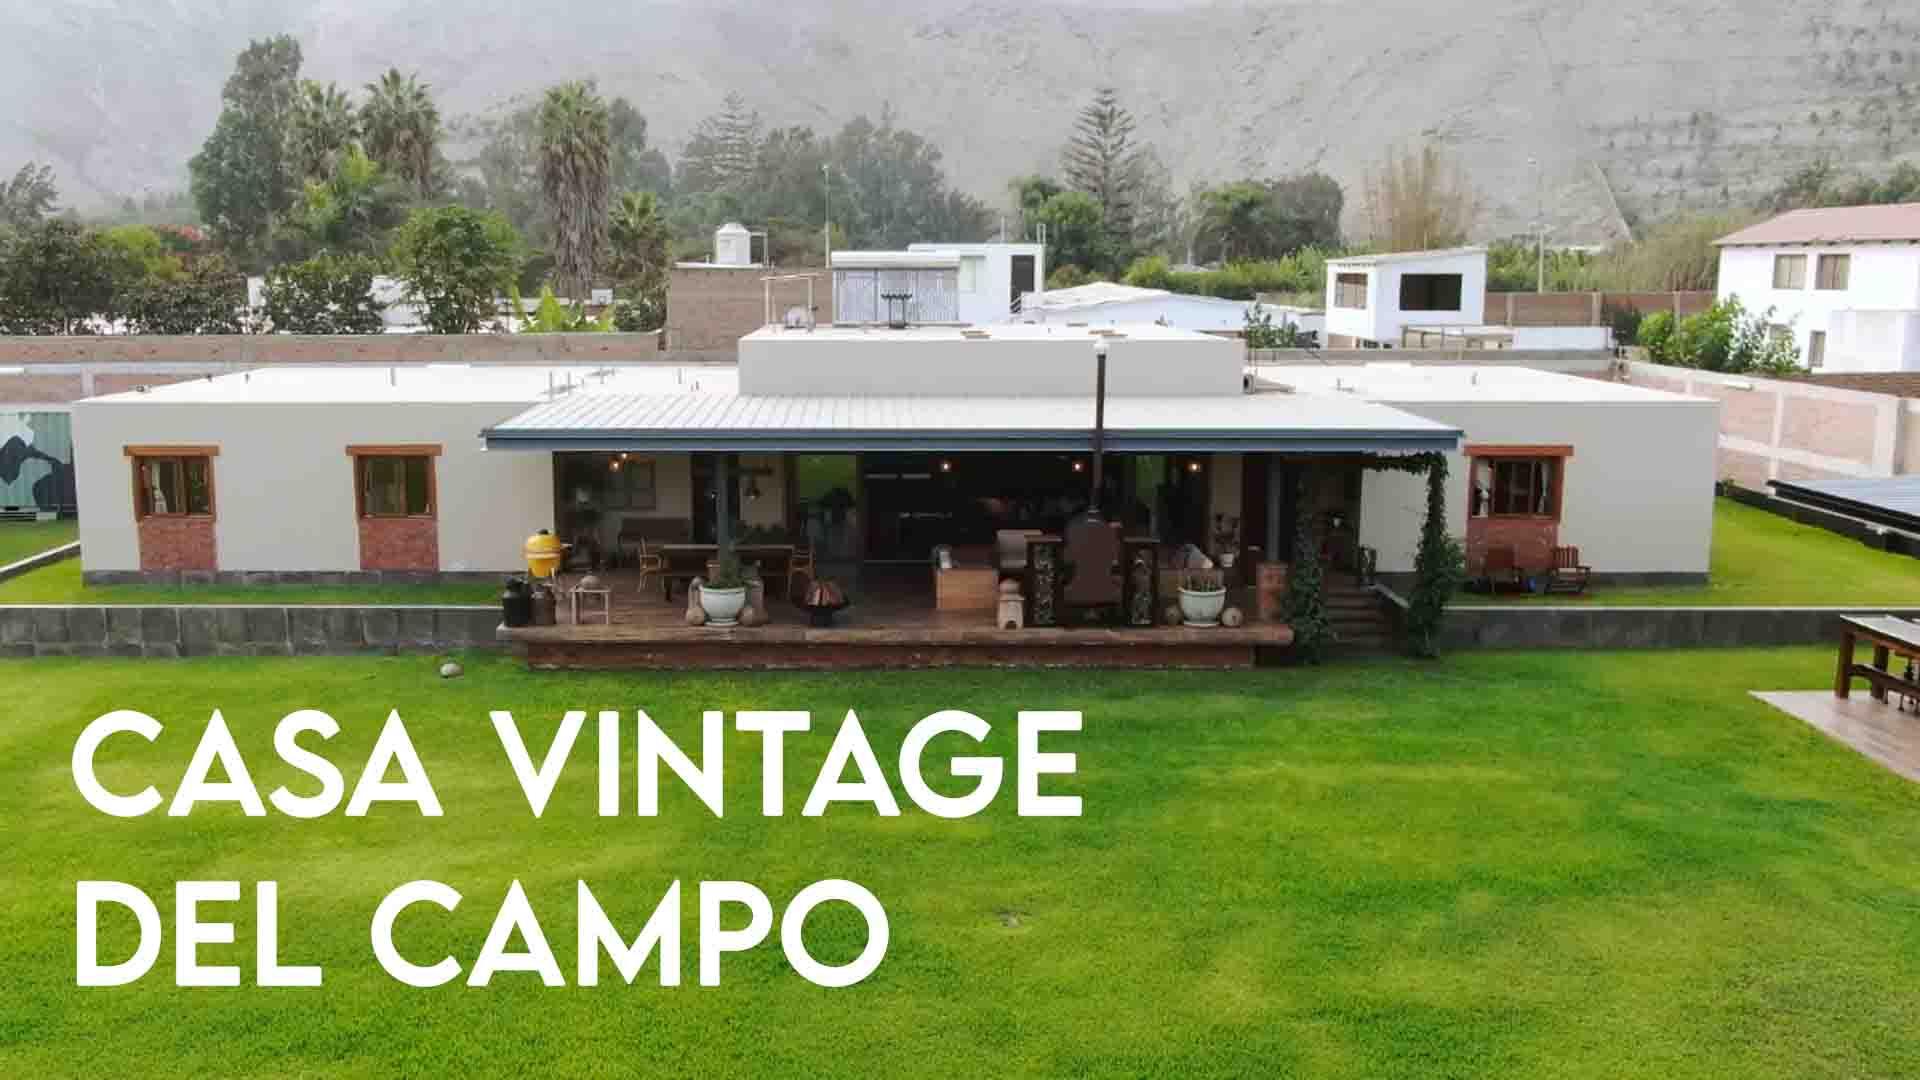 Casa vintage del campo